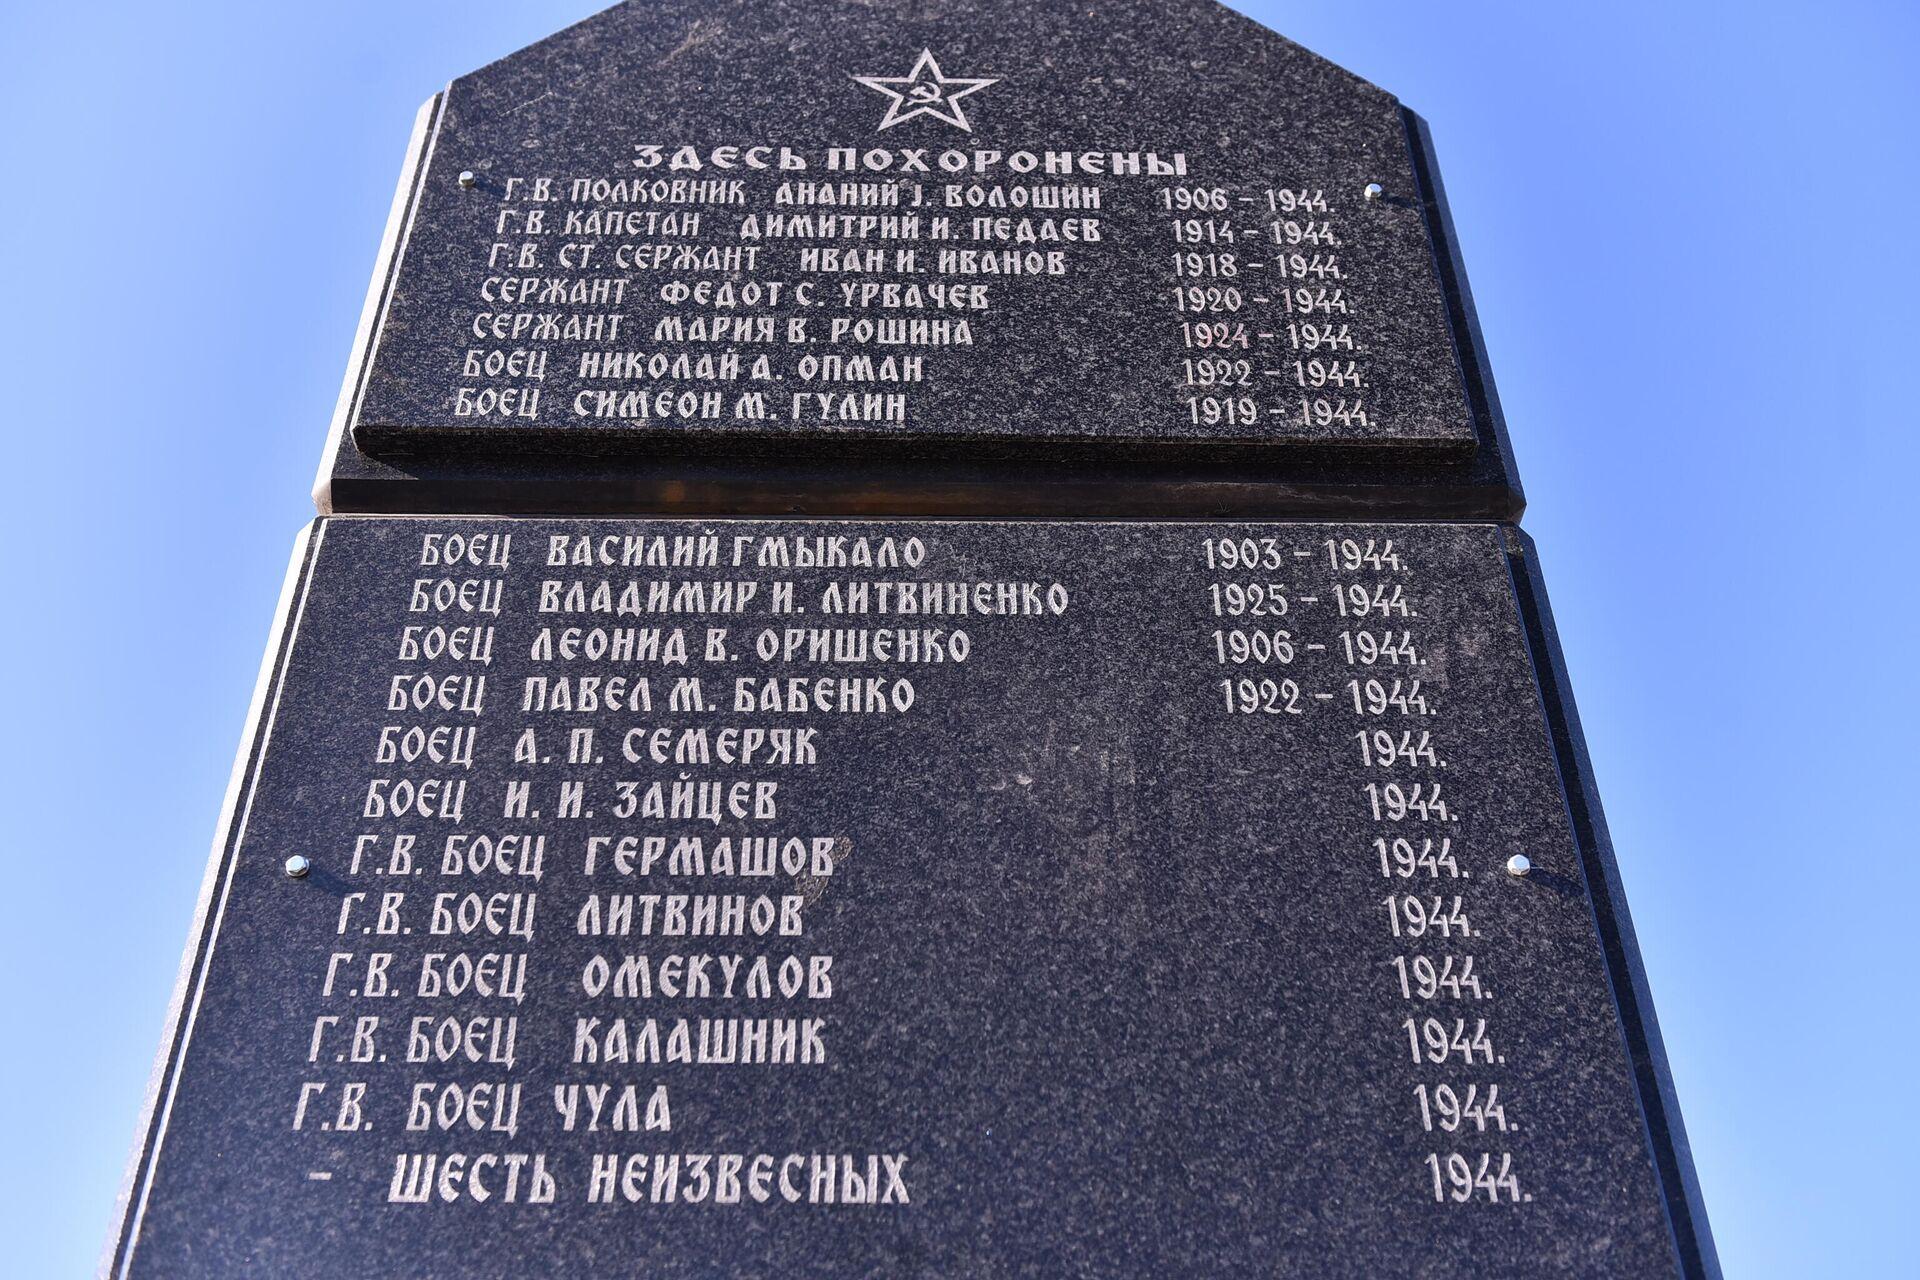 Otkrivanje spomen-ploče crvenoarmejcima u Novom Bečeju - Sputnik Srbija, 1920, 04.10.2021